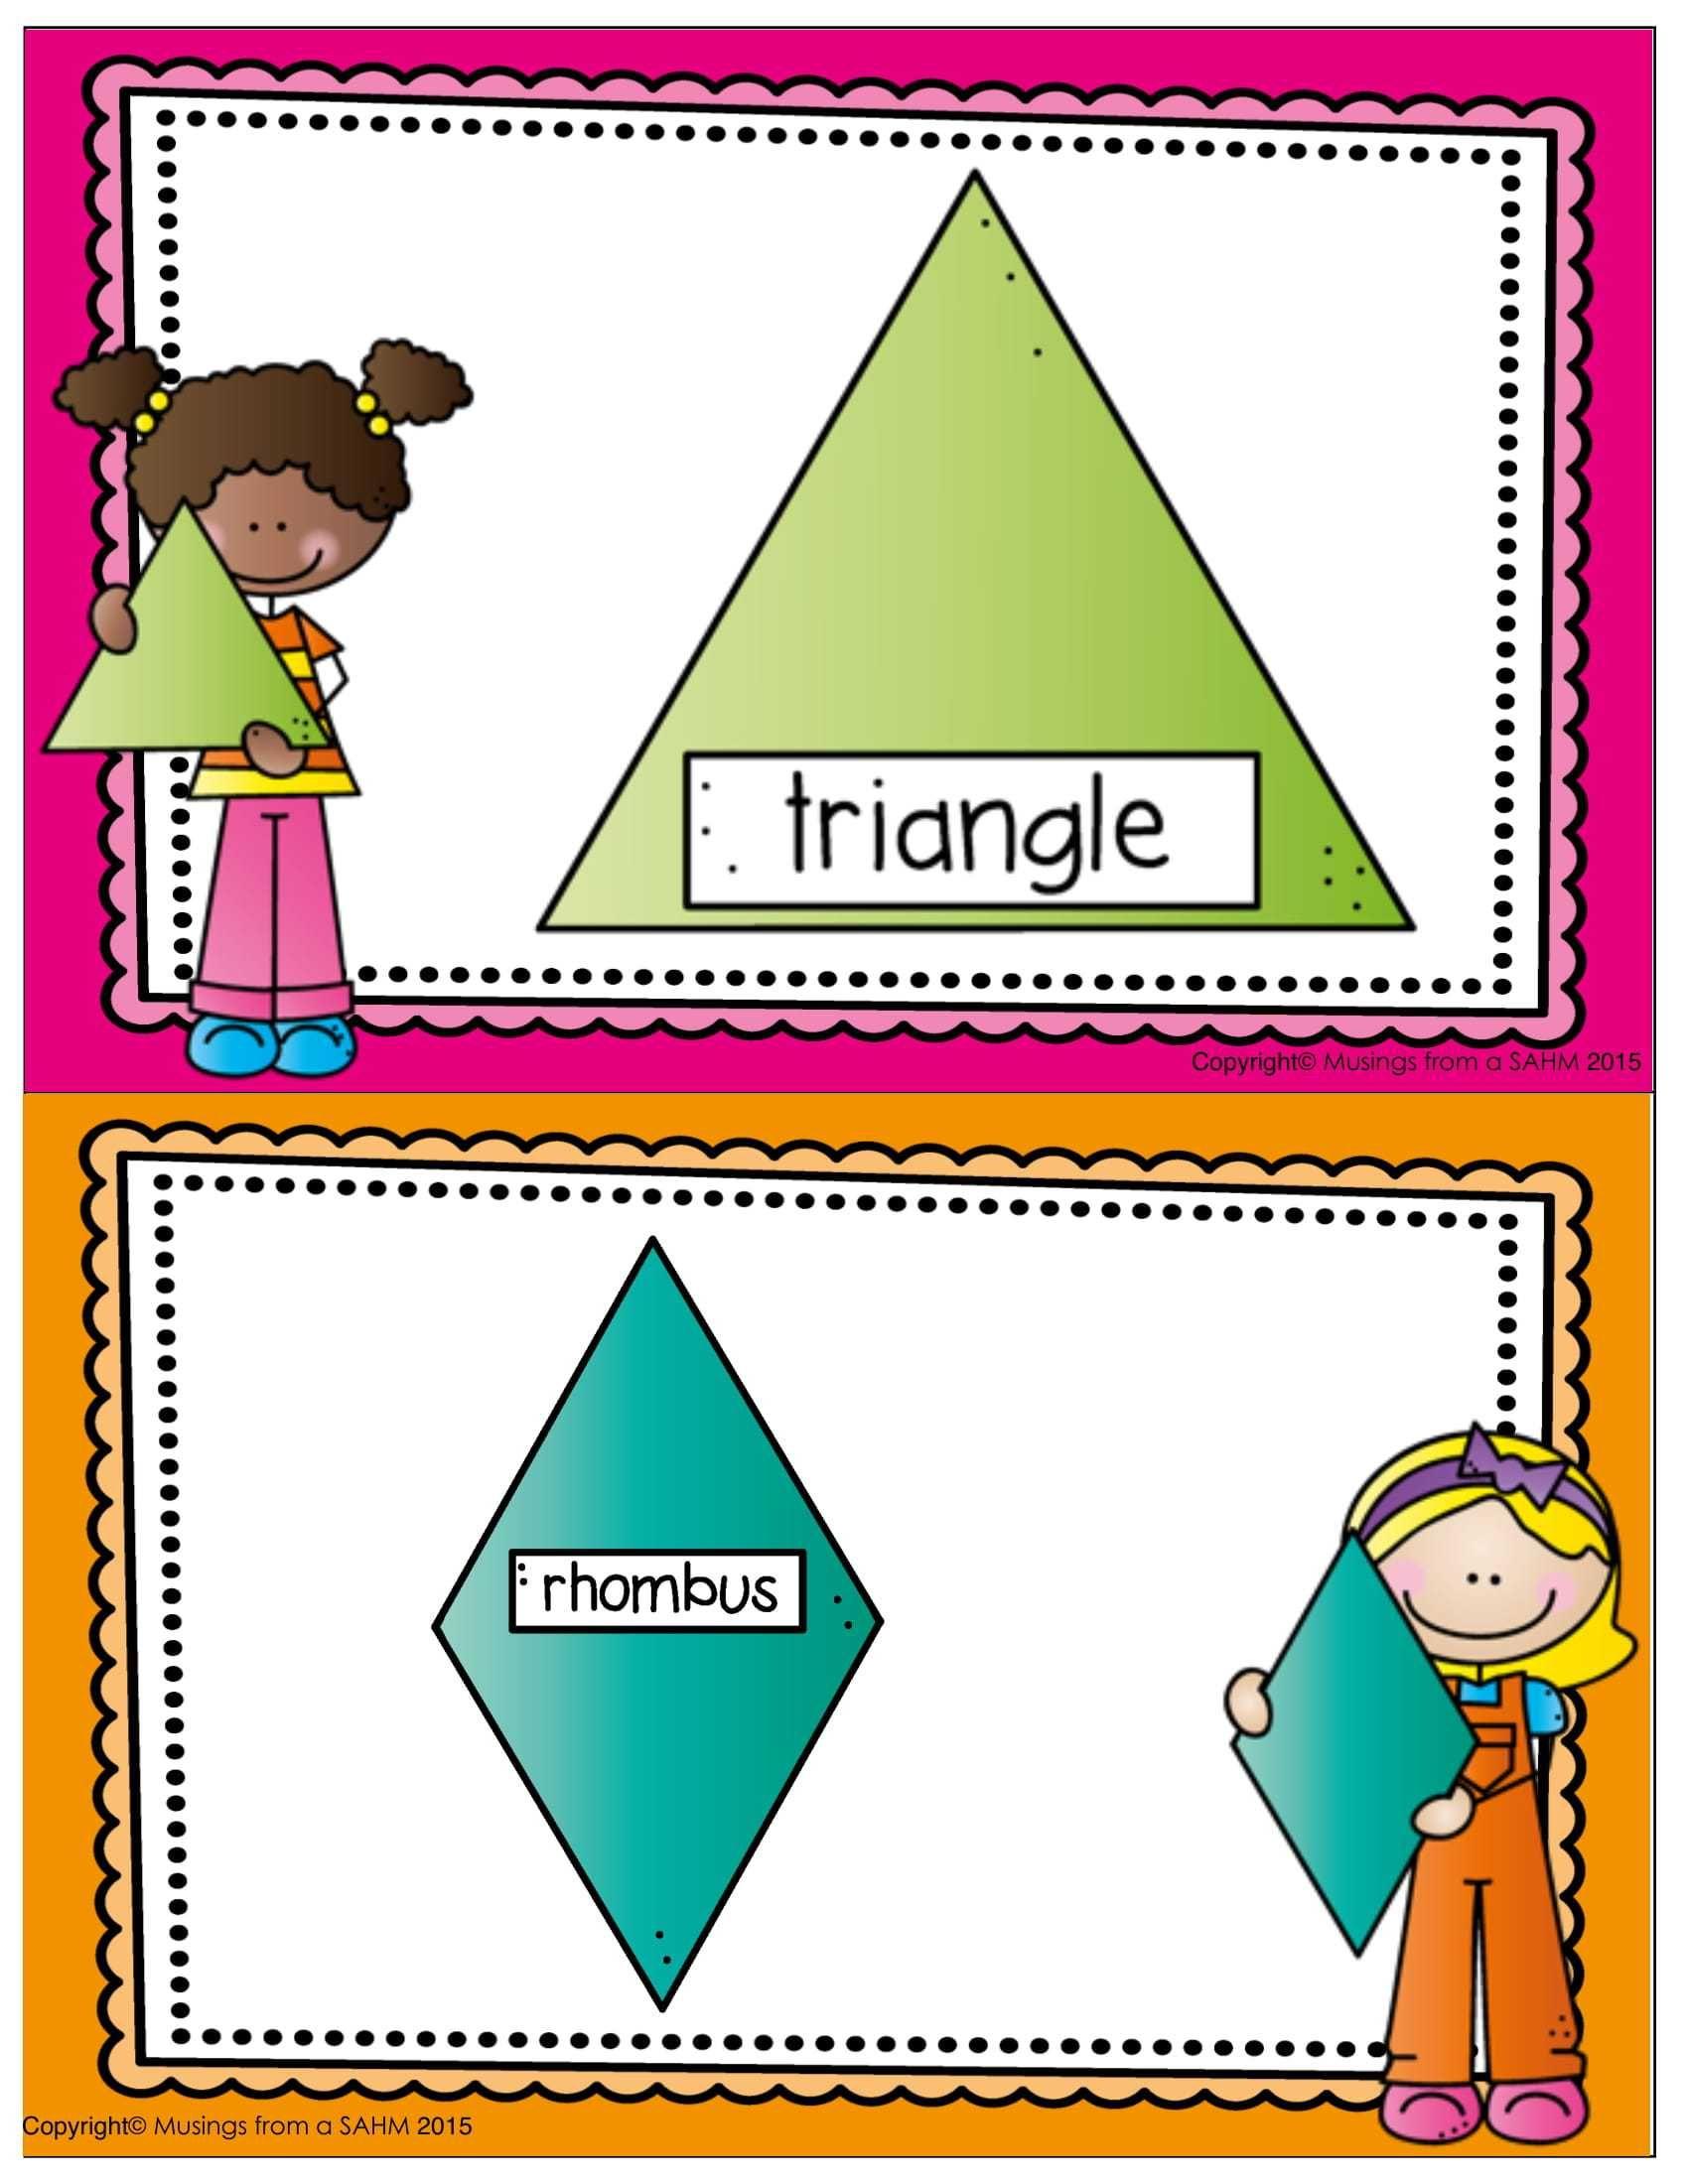 Preschool Play Dough Shapes Shapes